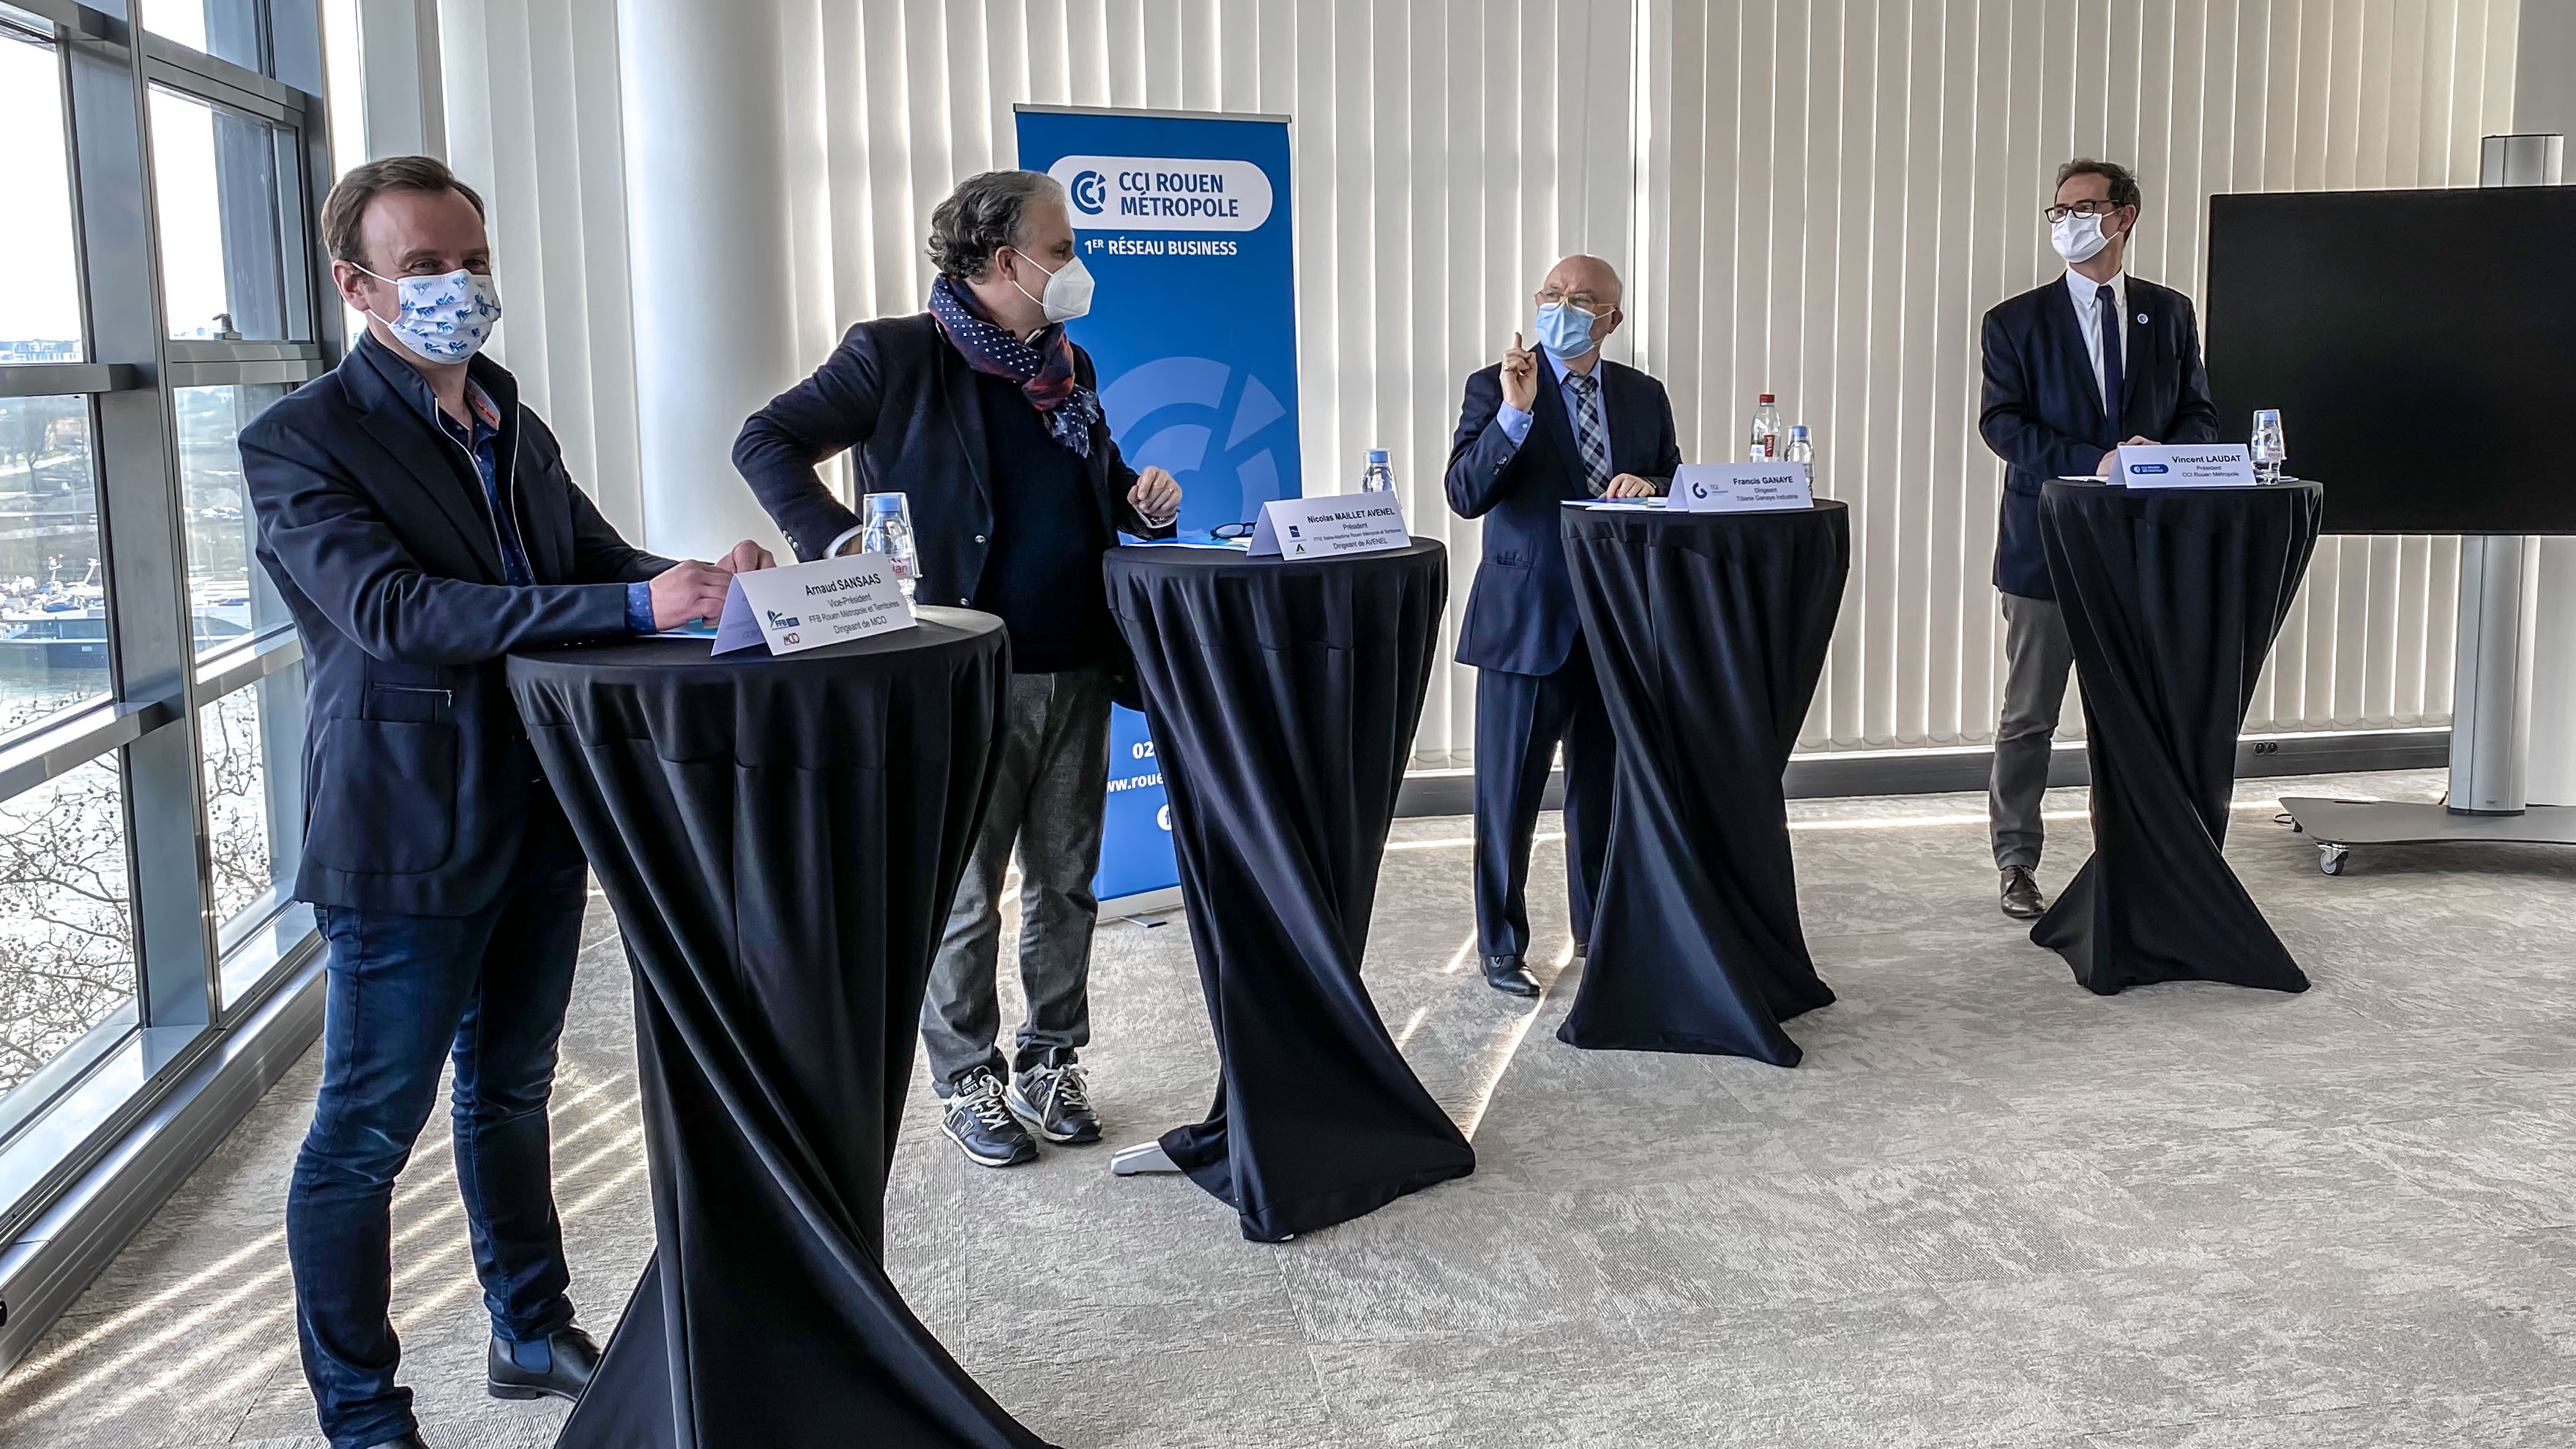 Conférence de presse Smart Mobility